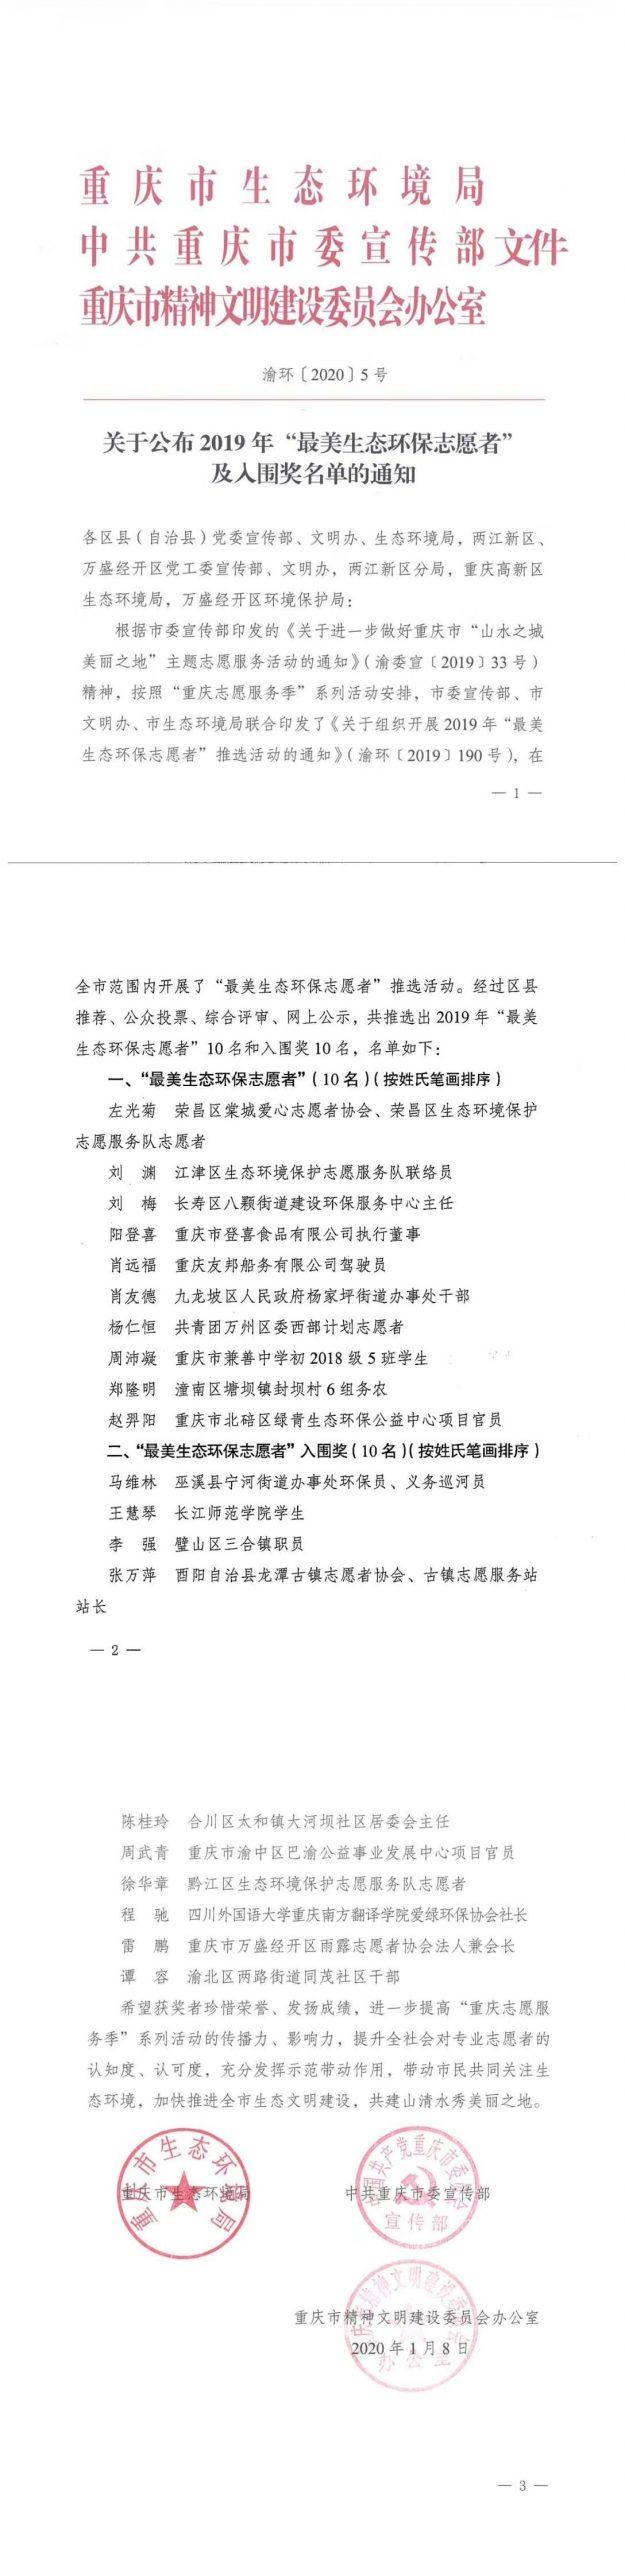 """周武青、王慧琴入围重庆市 2019 年""""最美生态环保志愿者"""""""